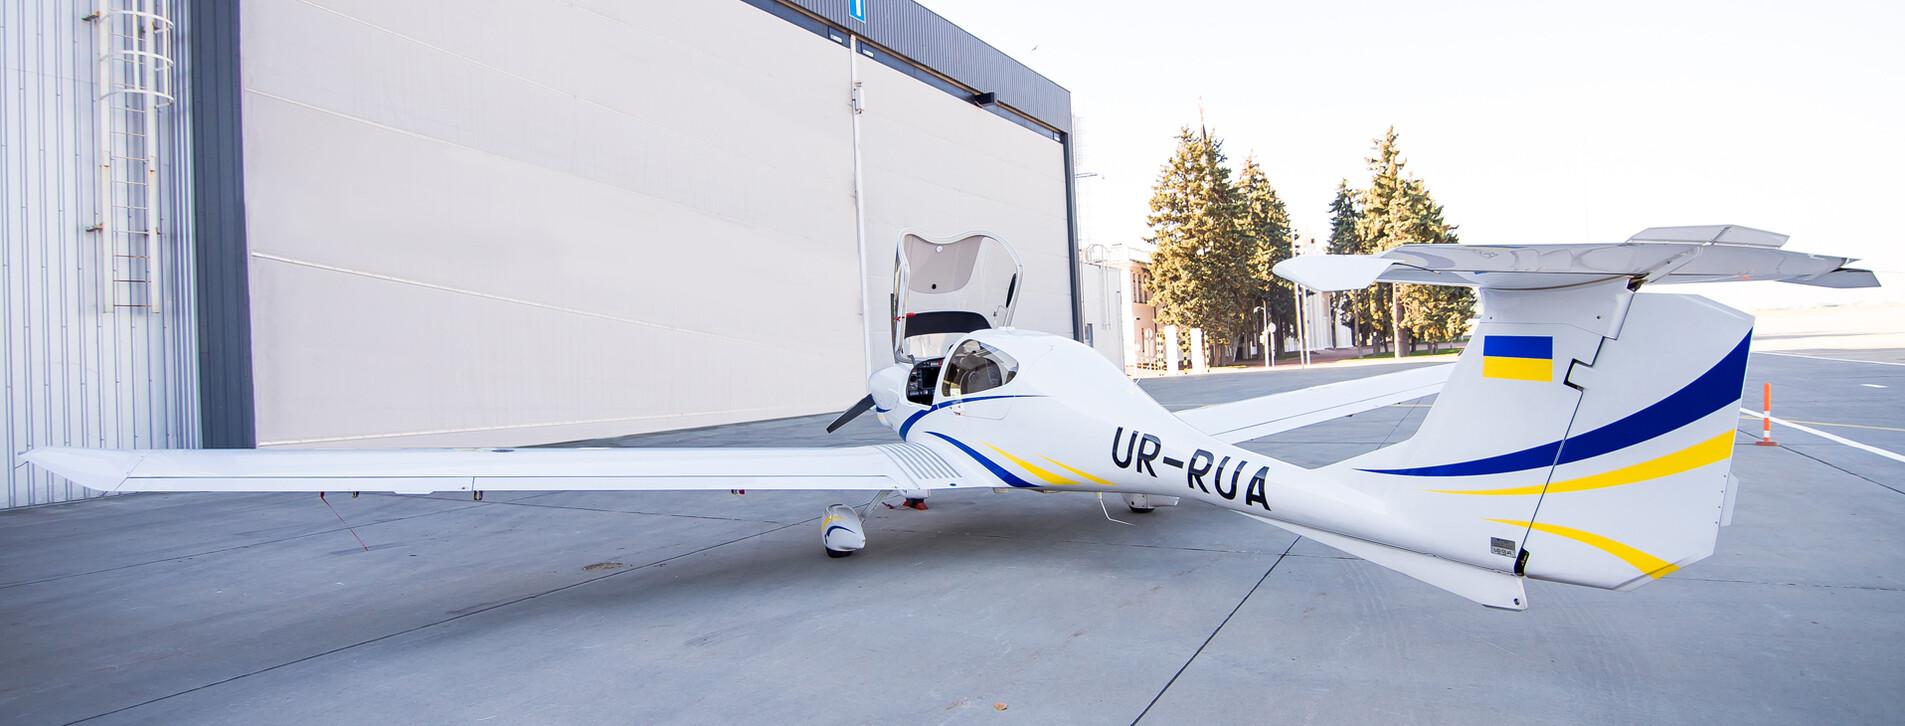 Фото - Тренувальний політ на літаку